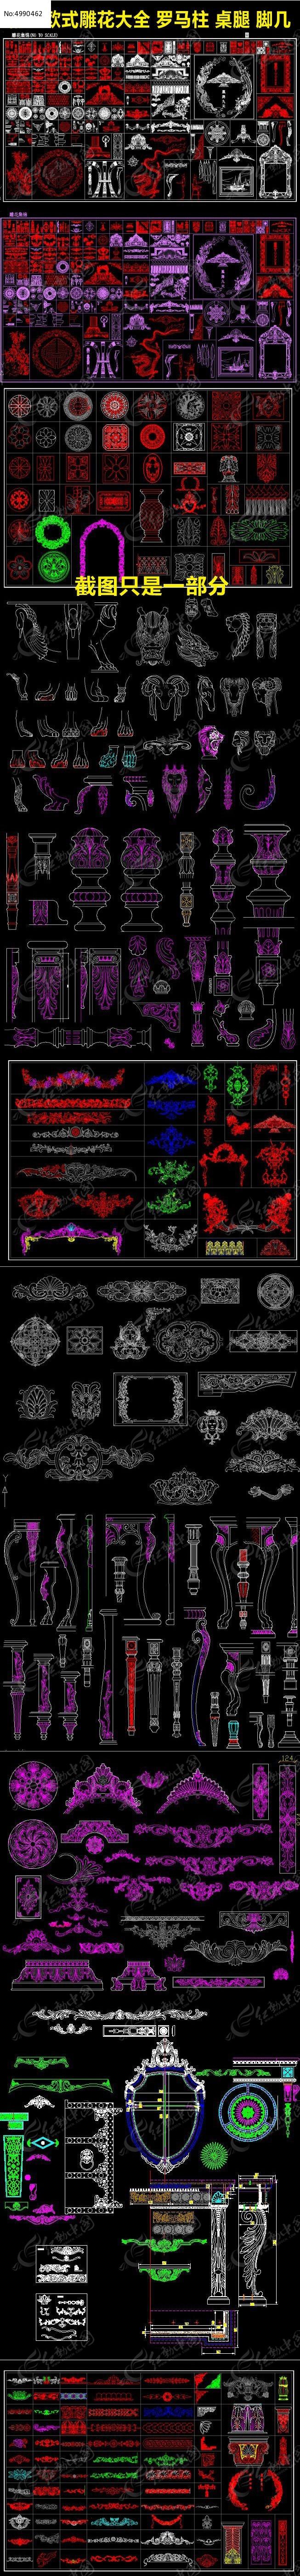 精品欧式雕花家具CAD图库大全图片